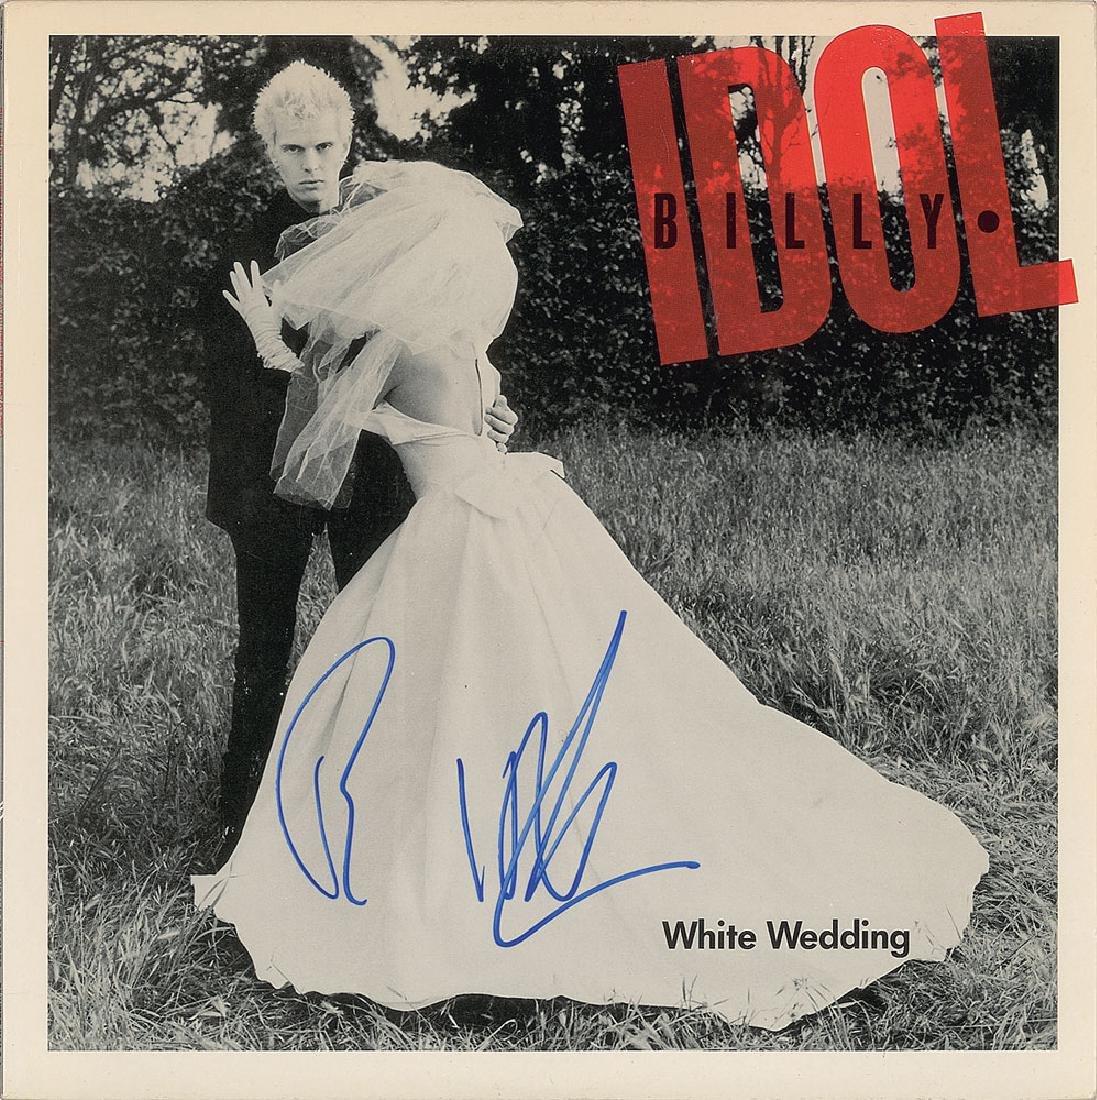 Billy Idol Signed Album